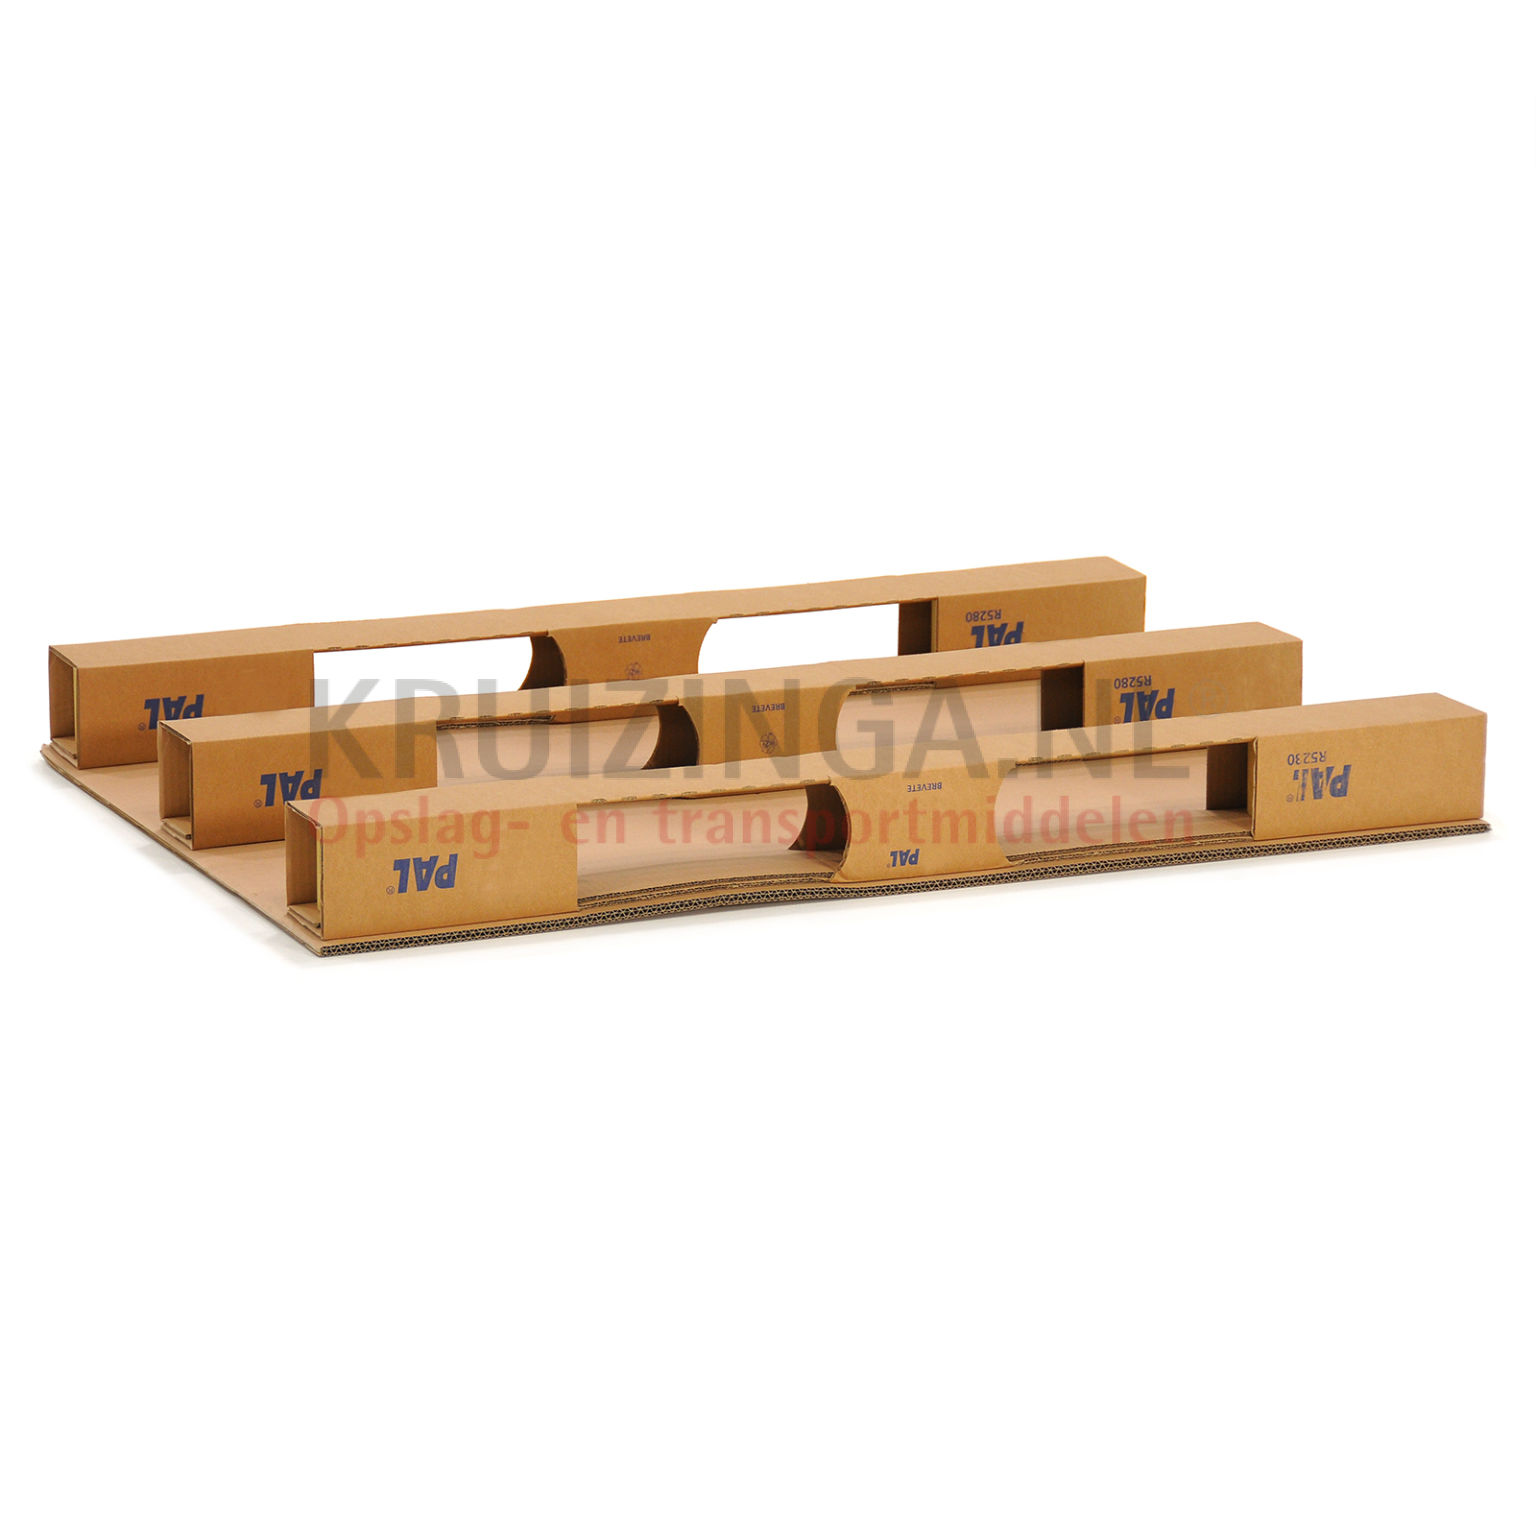 palette palette en carton 4 c t s partir de 15 75 frais de livraison inclus. Black Bedroom Furniture Sets. Home Design Ideas